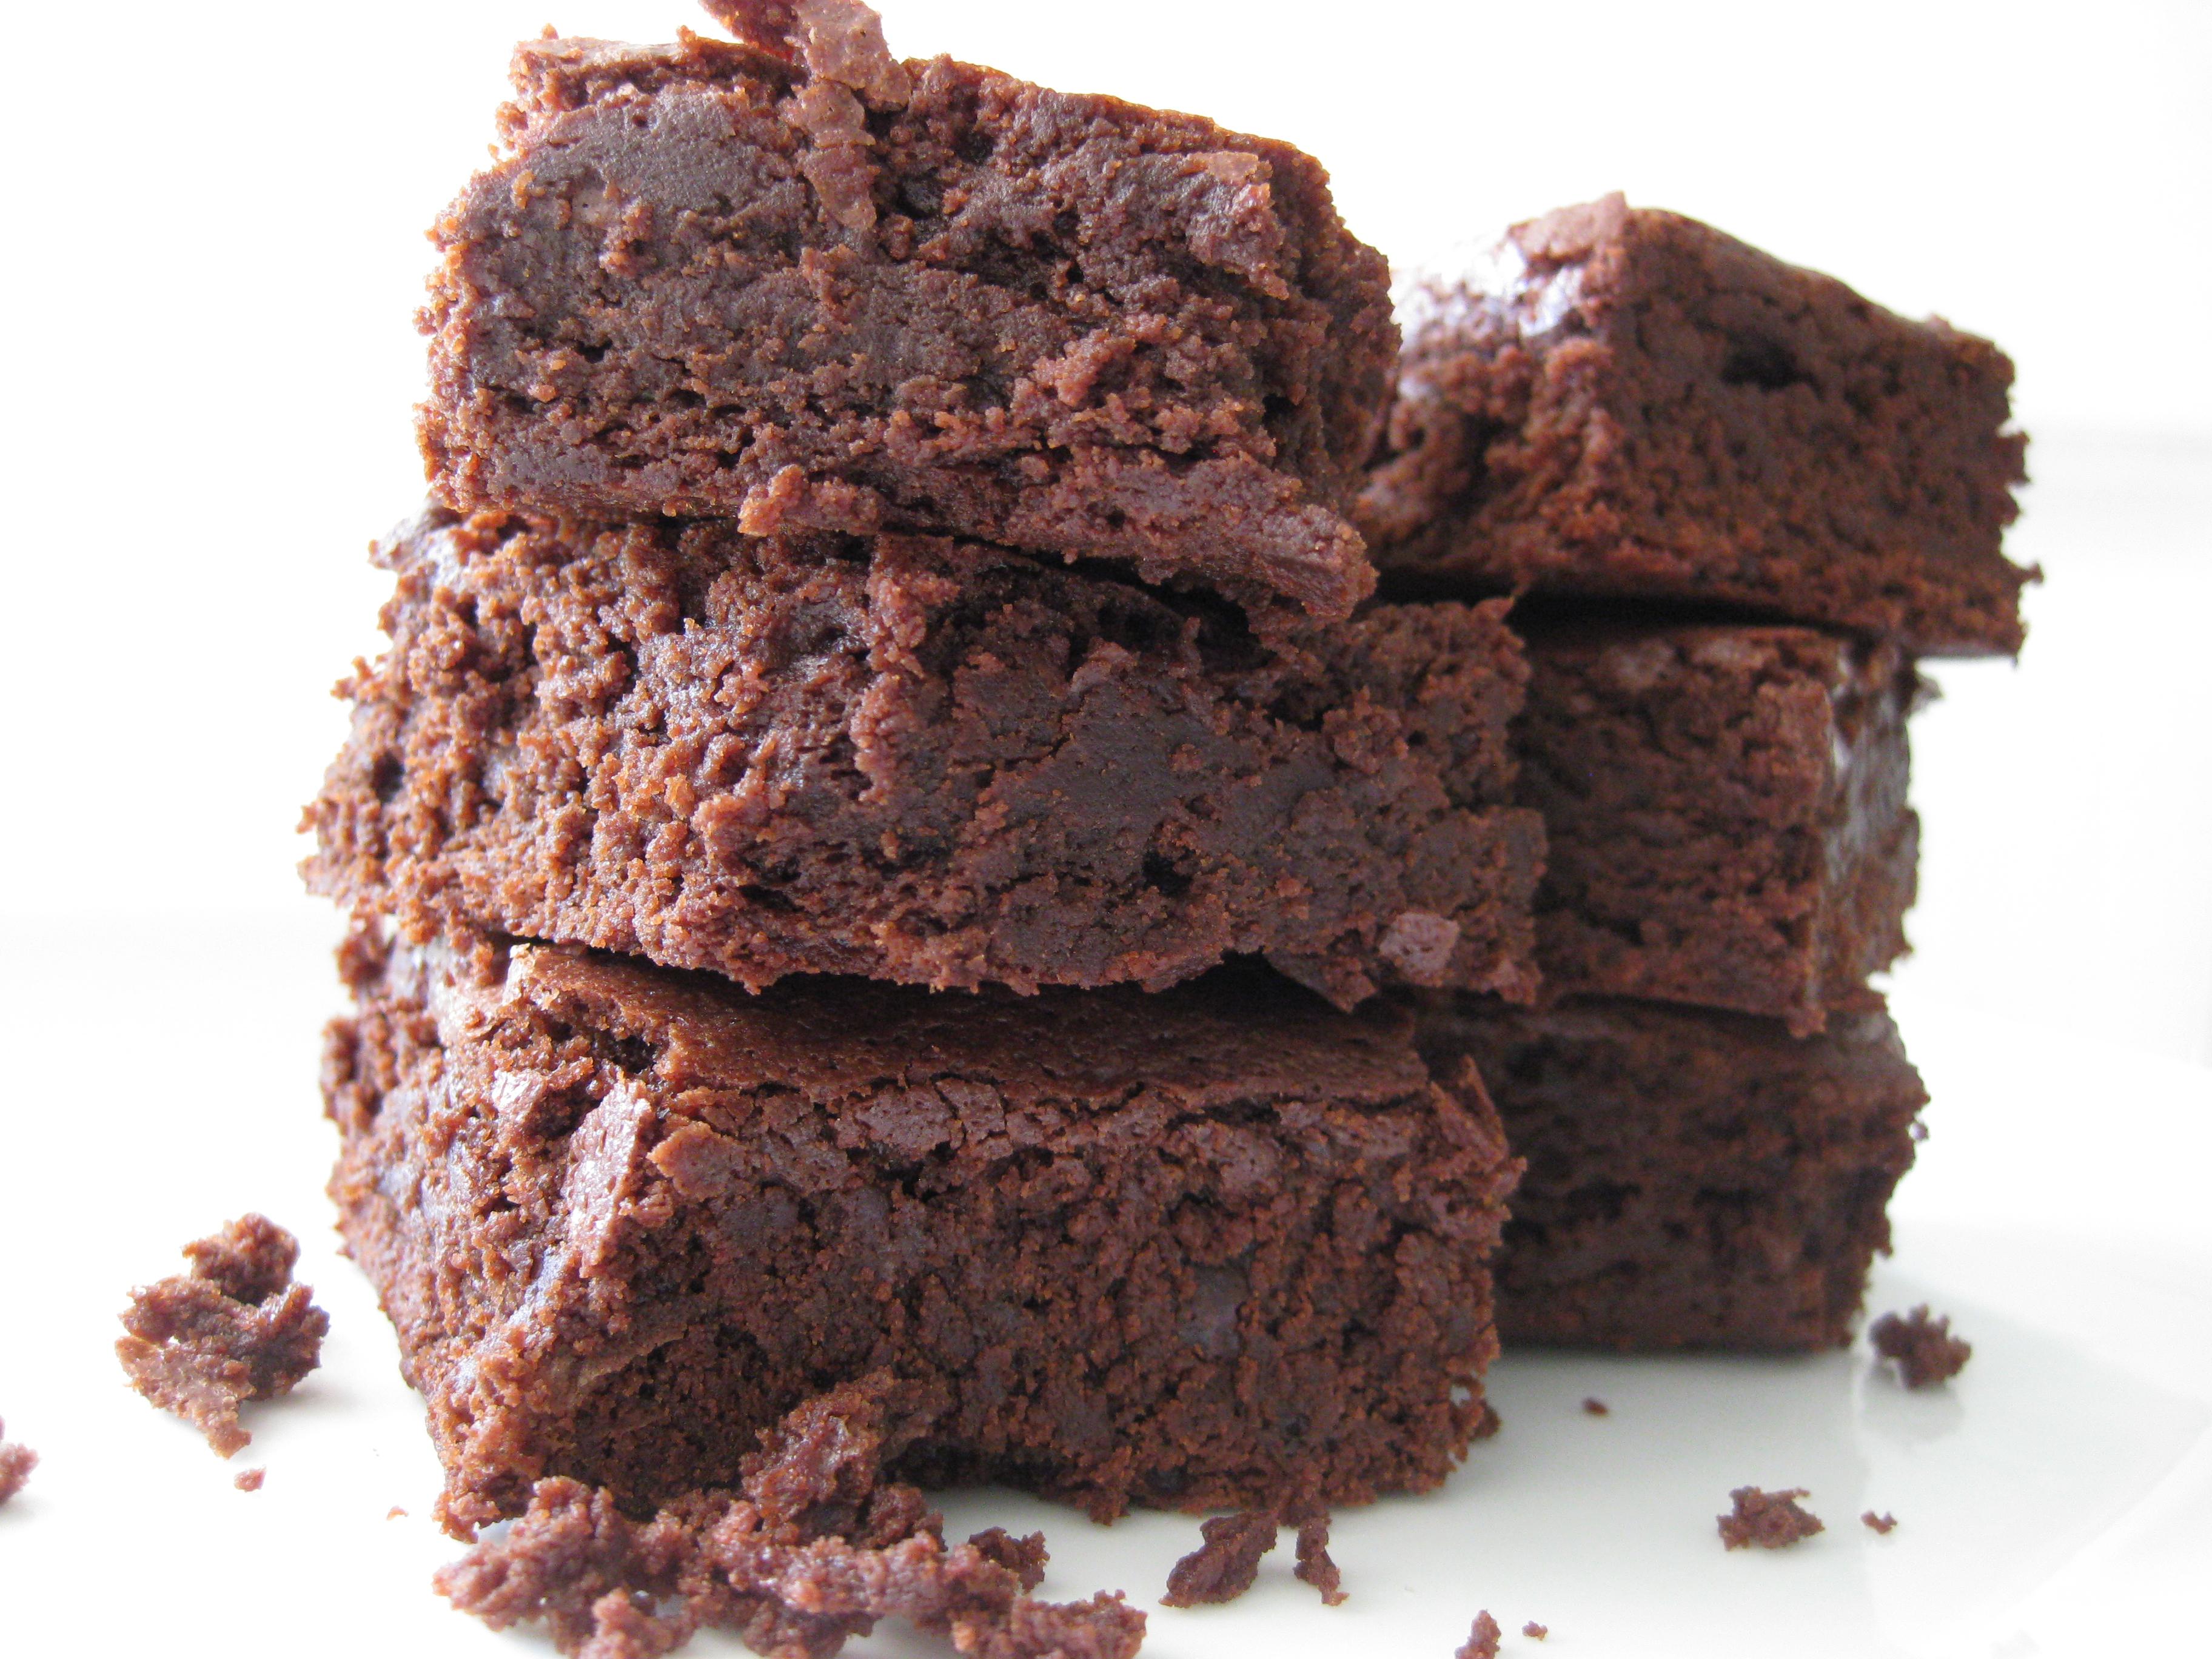 Brownie clipart chocolate brownie. Brownies red spatula diaries